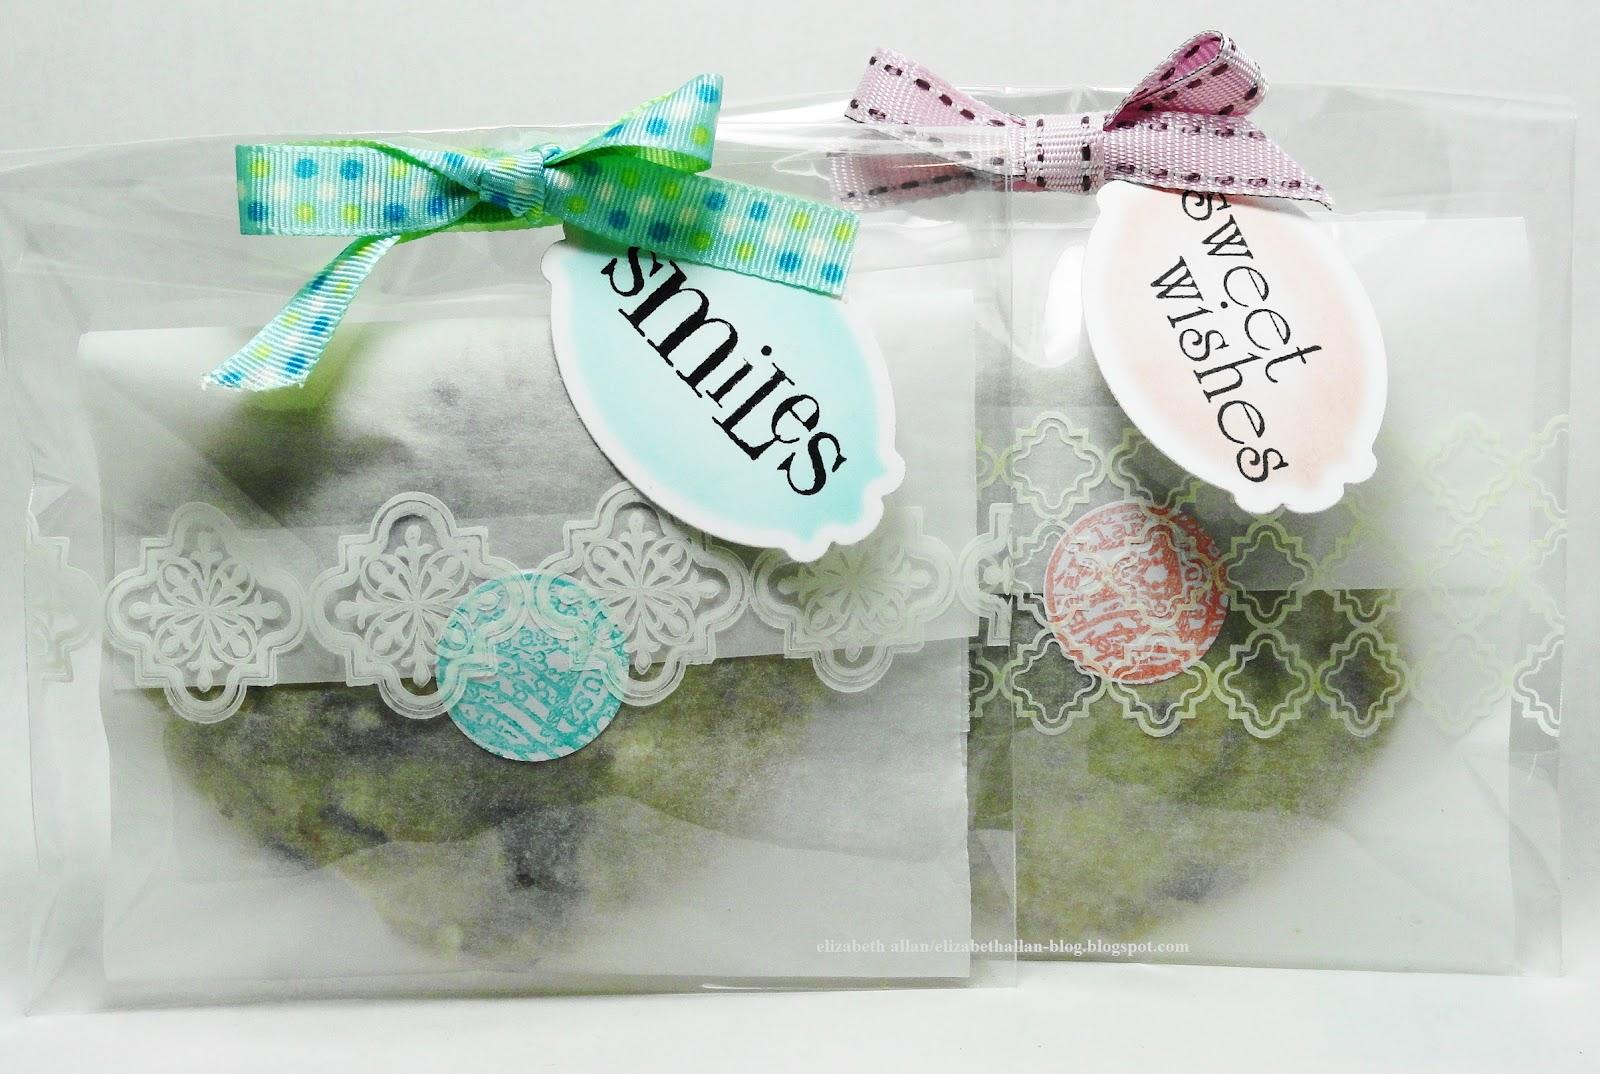 http://3.bp.blogspot.com/-0WDjL2vms4k/T7ze9oWx5eI/AAAAAAAABbQ/Qw9LBaza_Mc/s1600/Pretty+Packaging.jpg